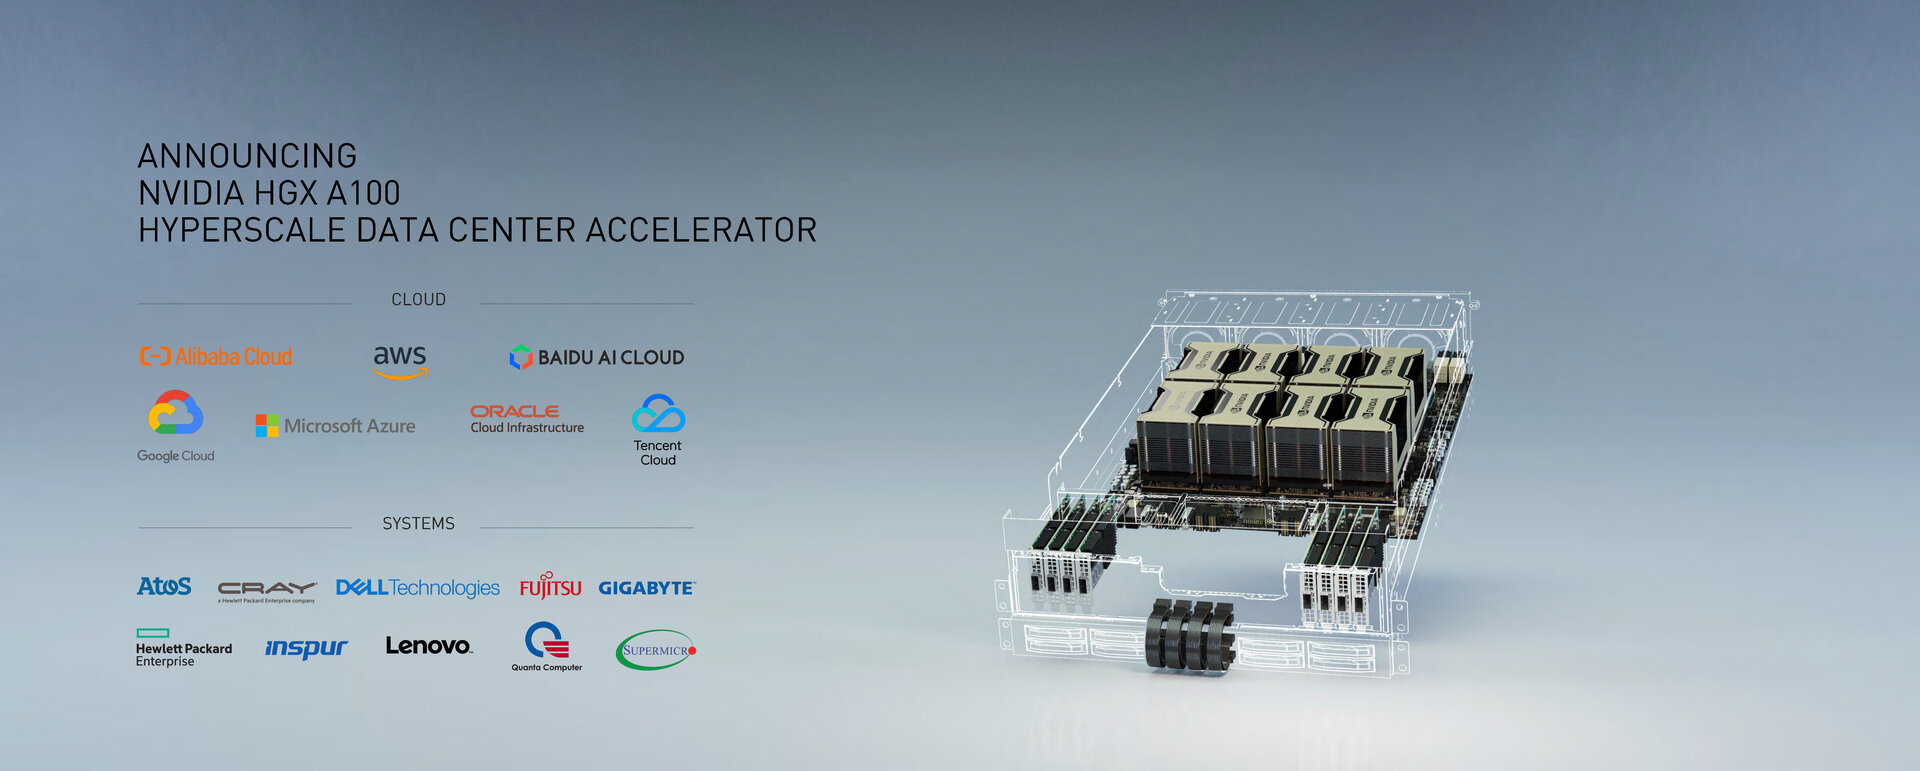 HGX A100 für Drittanbieter von A100-Clustern